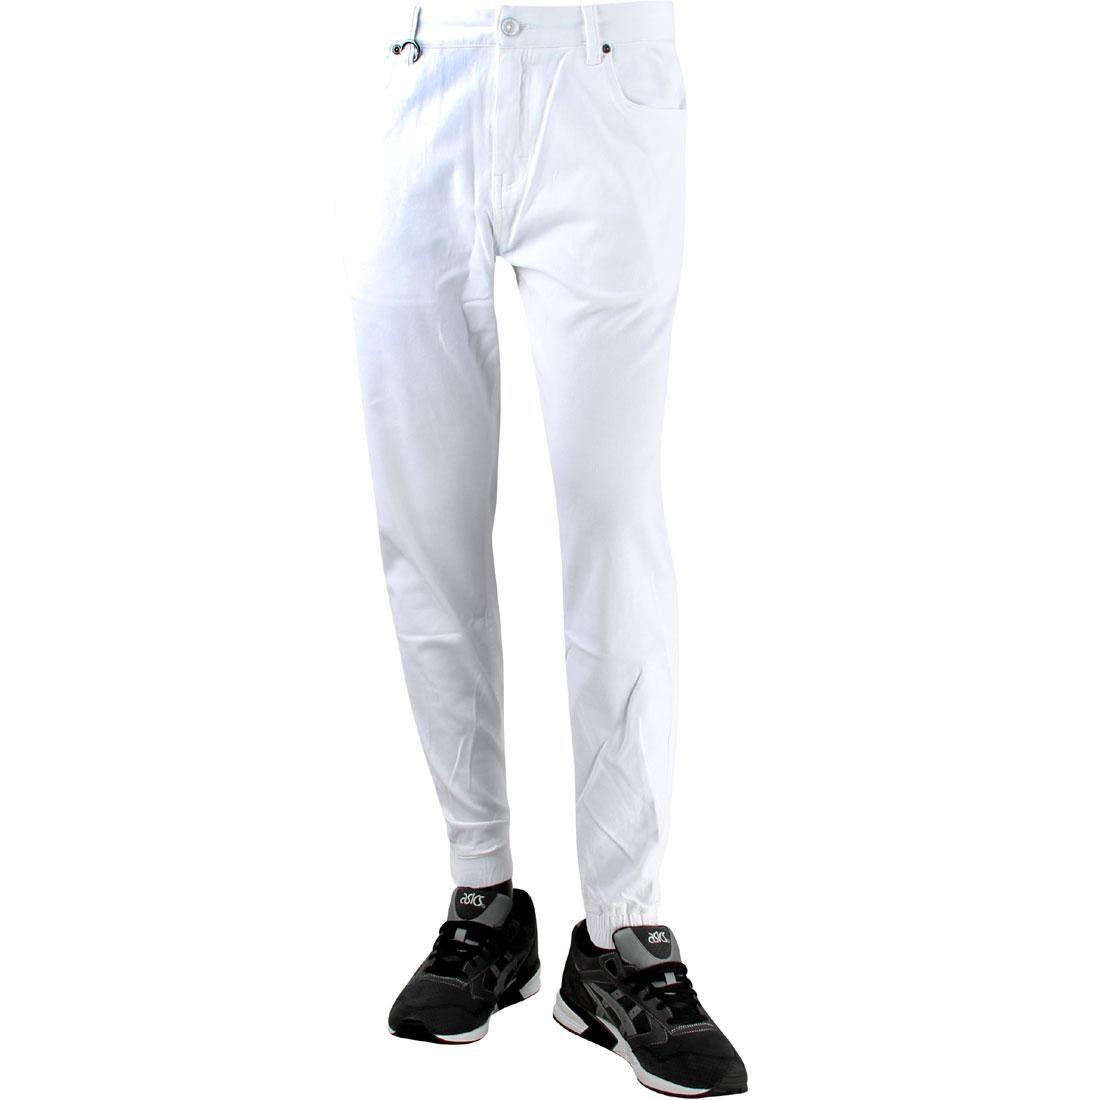 パブリッシュ ジョガーパンツ メンズファッション ズボン パンツ メンズ 【 Publish Parkin Jogger Pants (white) 】 White